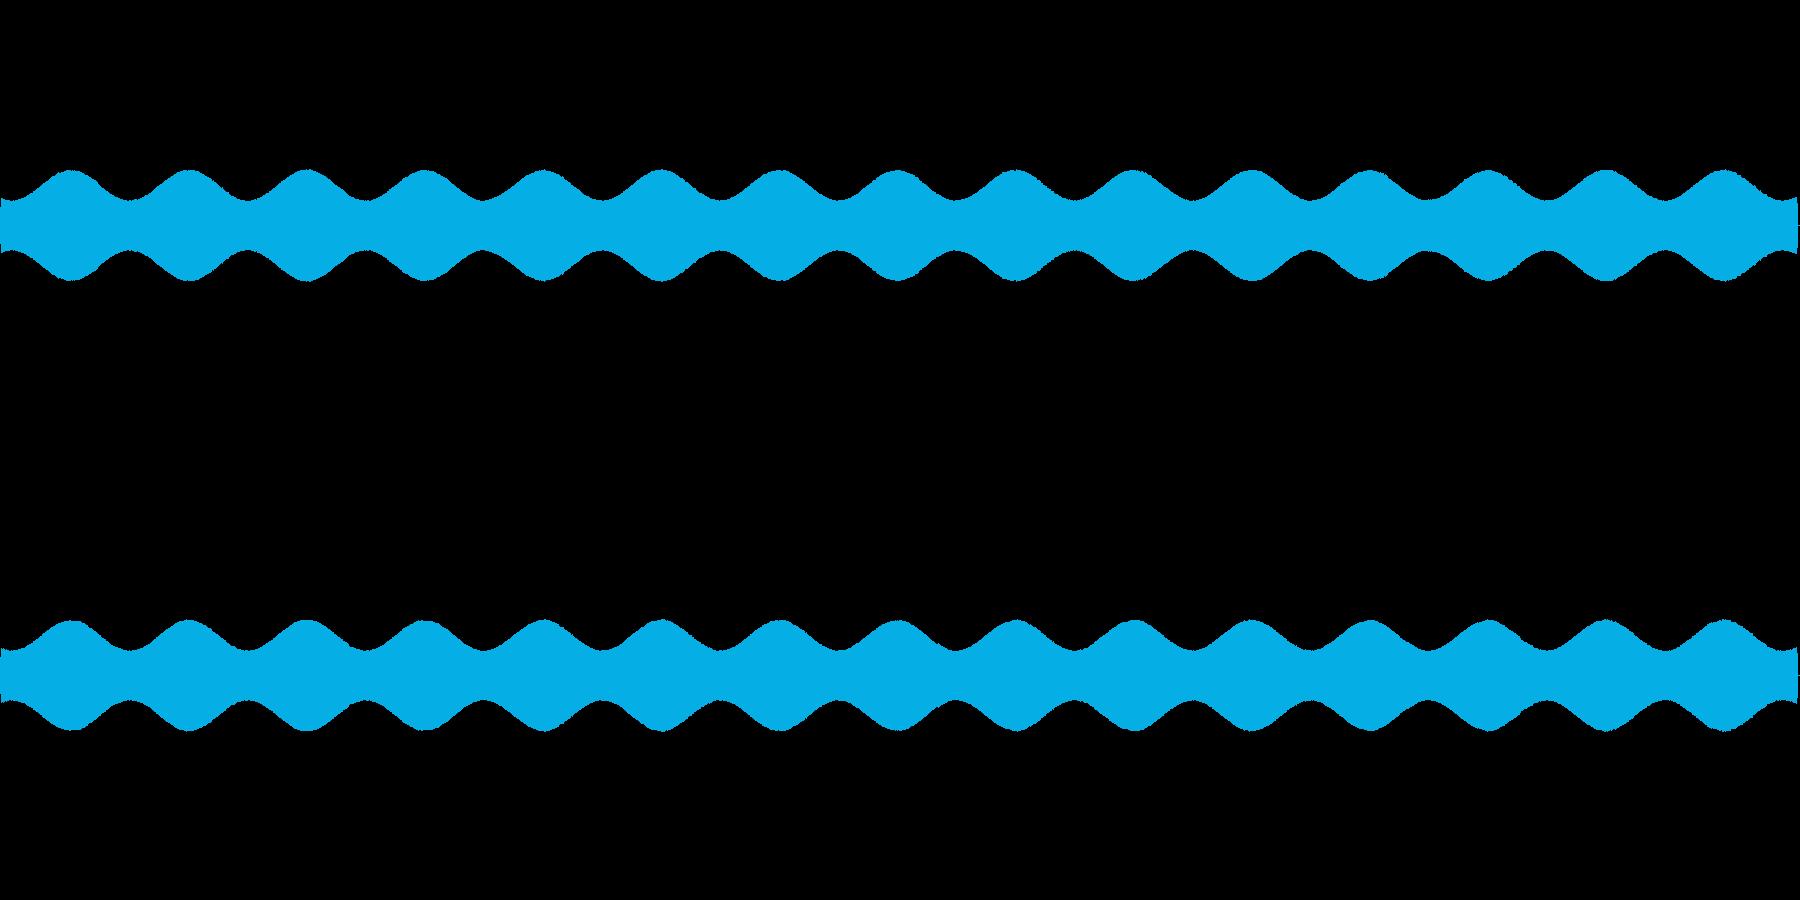 【場面効果音17-4L】の再生済みの波形